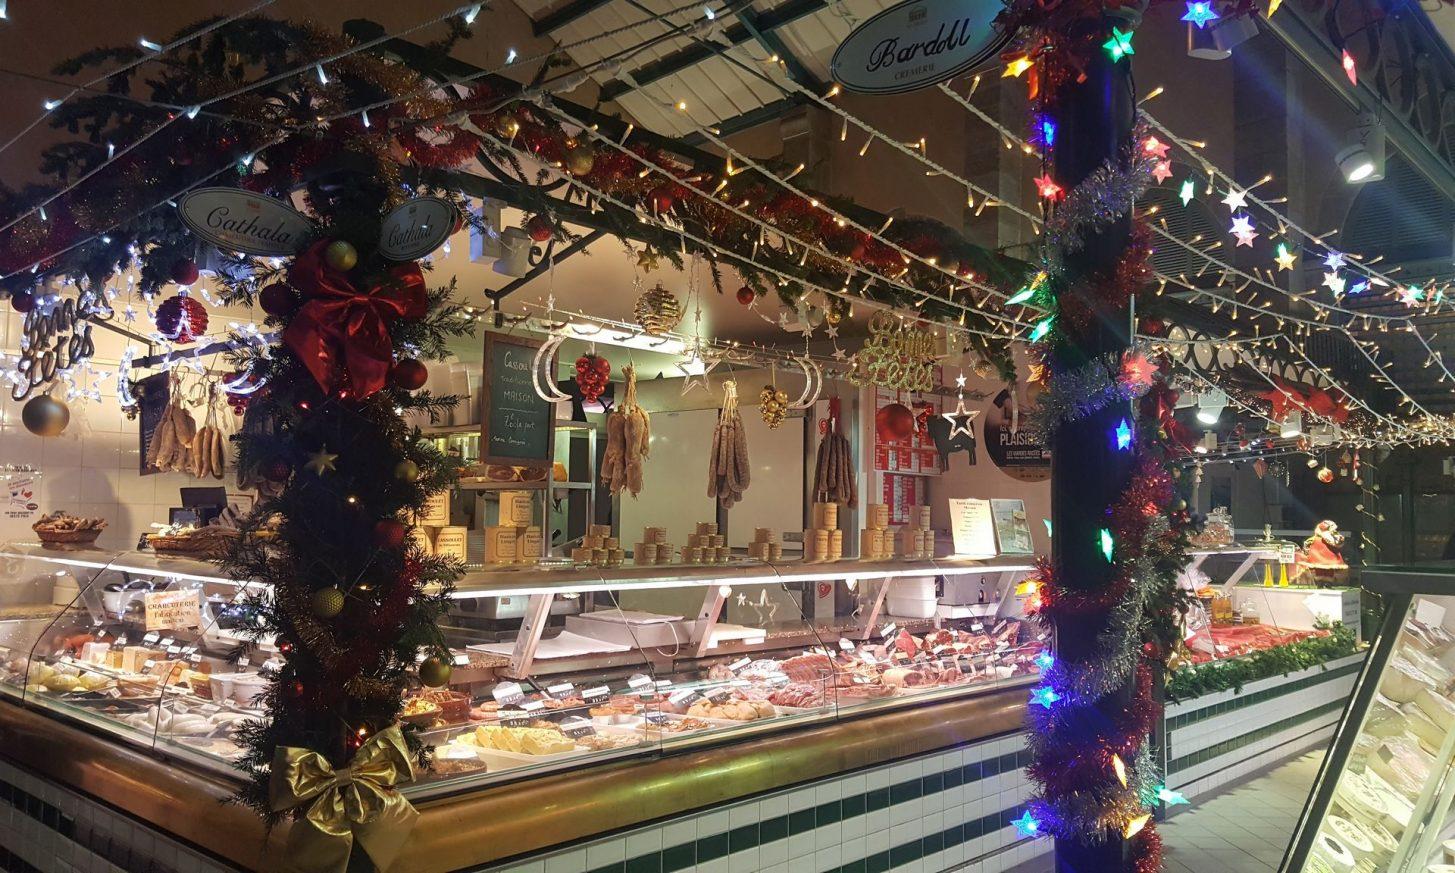 Les Halles Prosper Montagné à Carcassonne, pour les fêtes de Noël